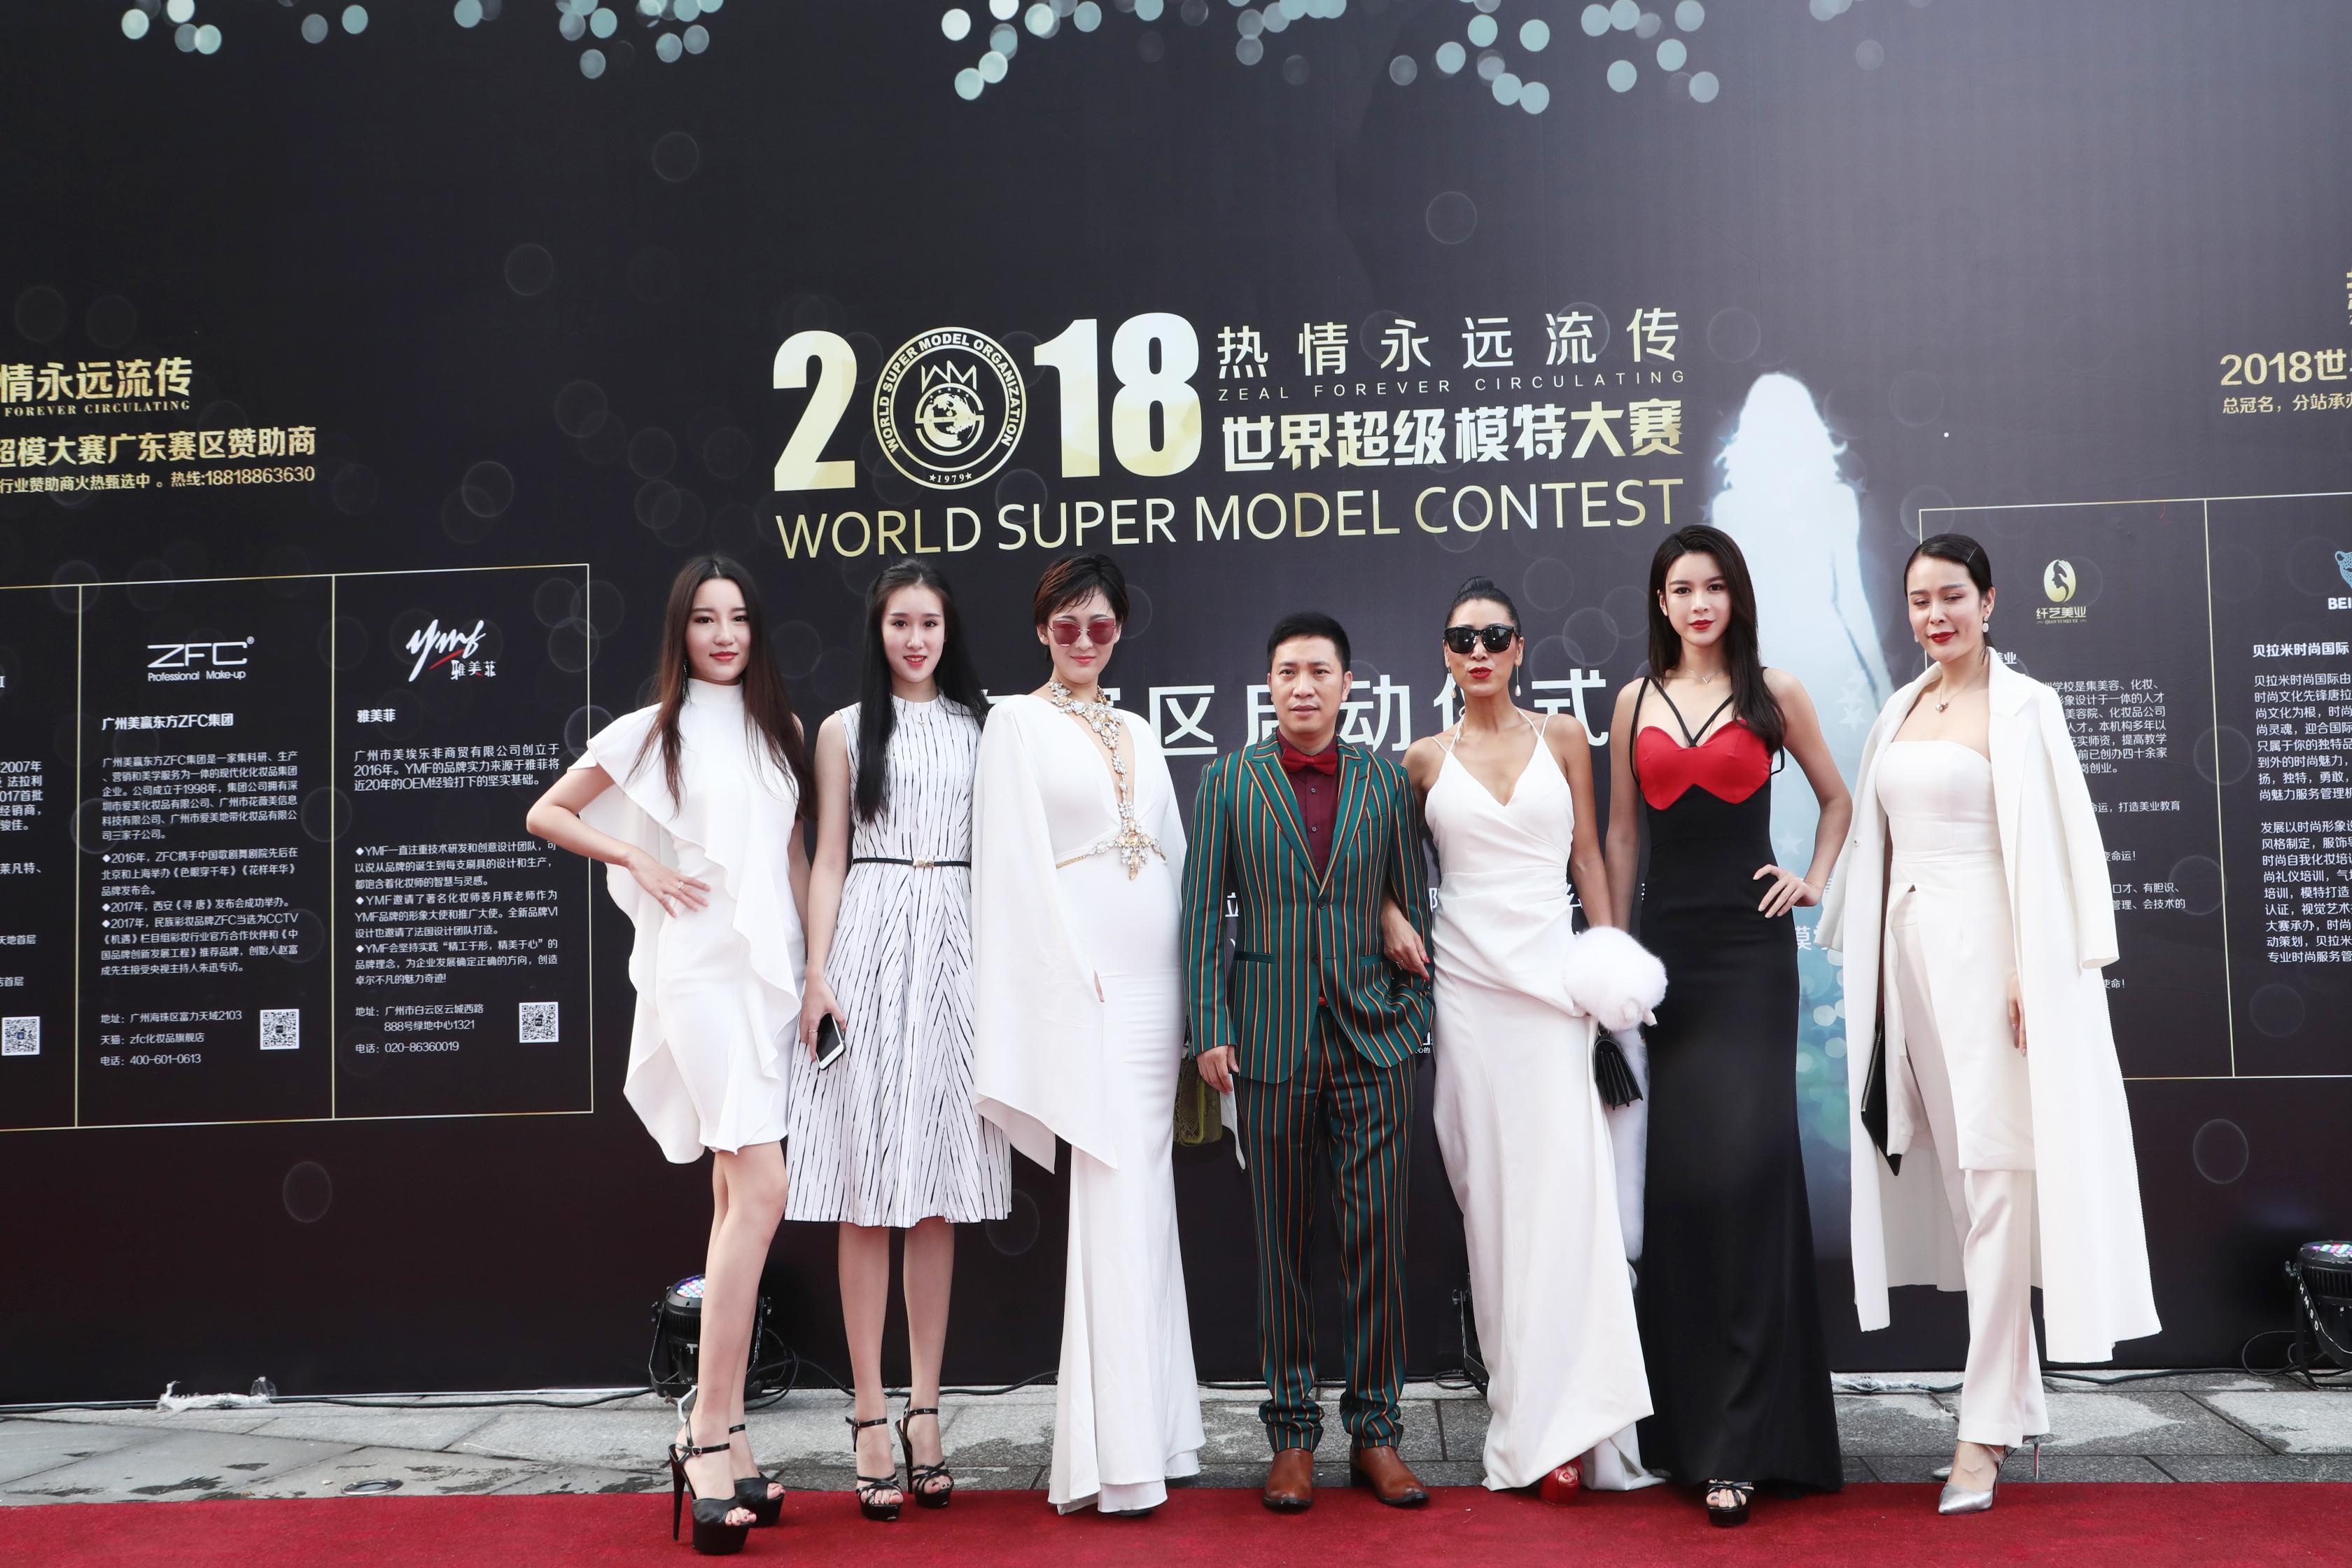 唐拉拉荣任赛区主席导演广东省世界超模启动仪式